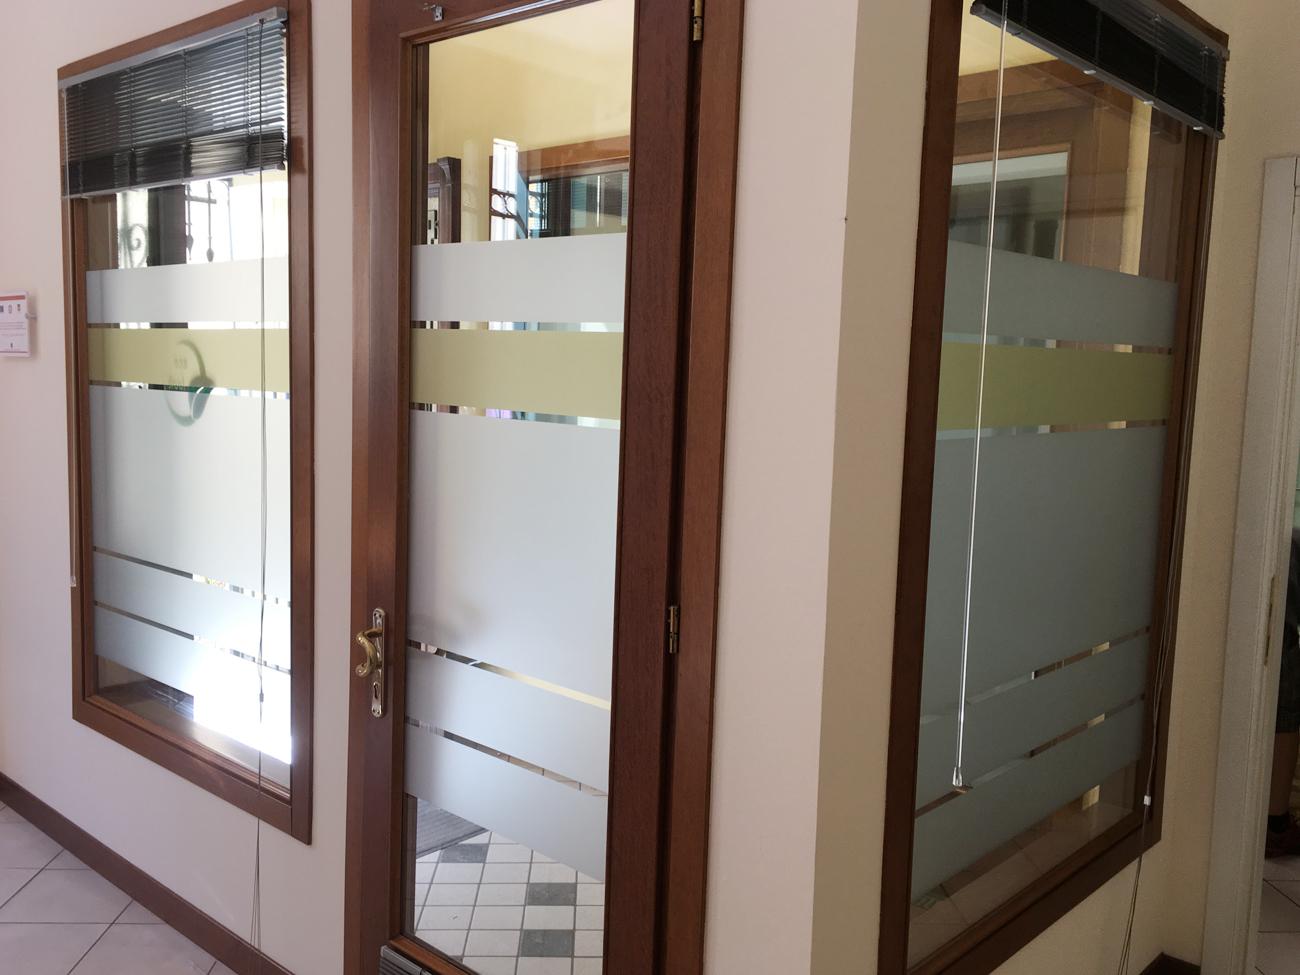 Decorazione di interni ufficio con pellicole intagliate - Decorazione di interni ...